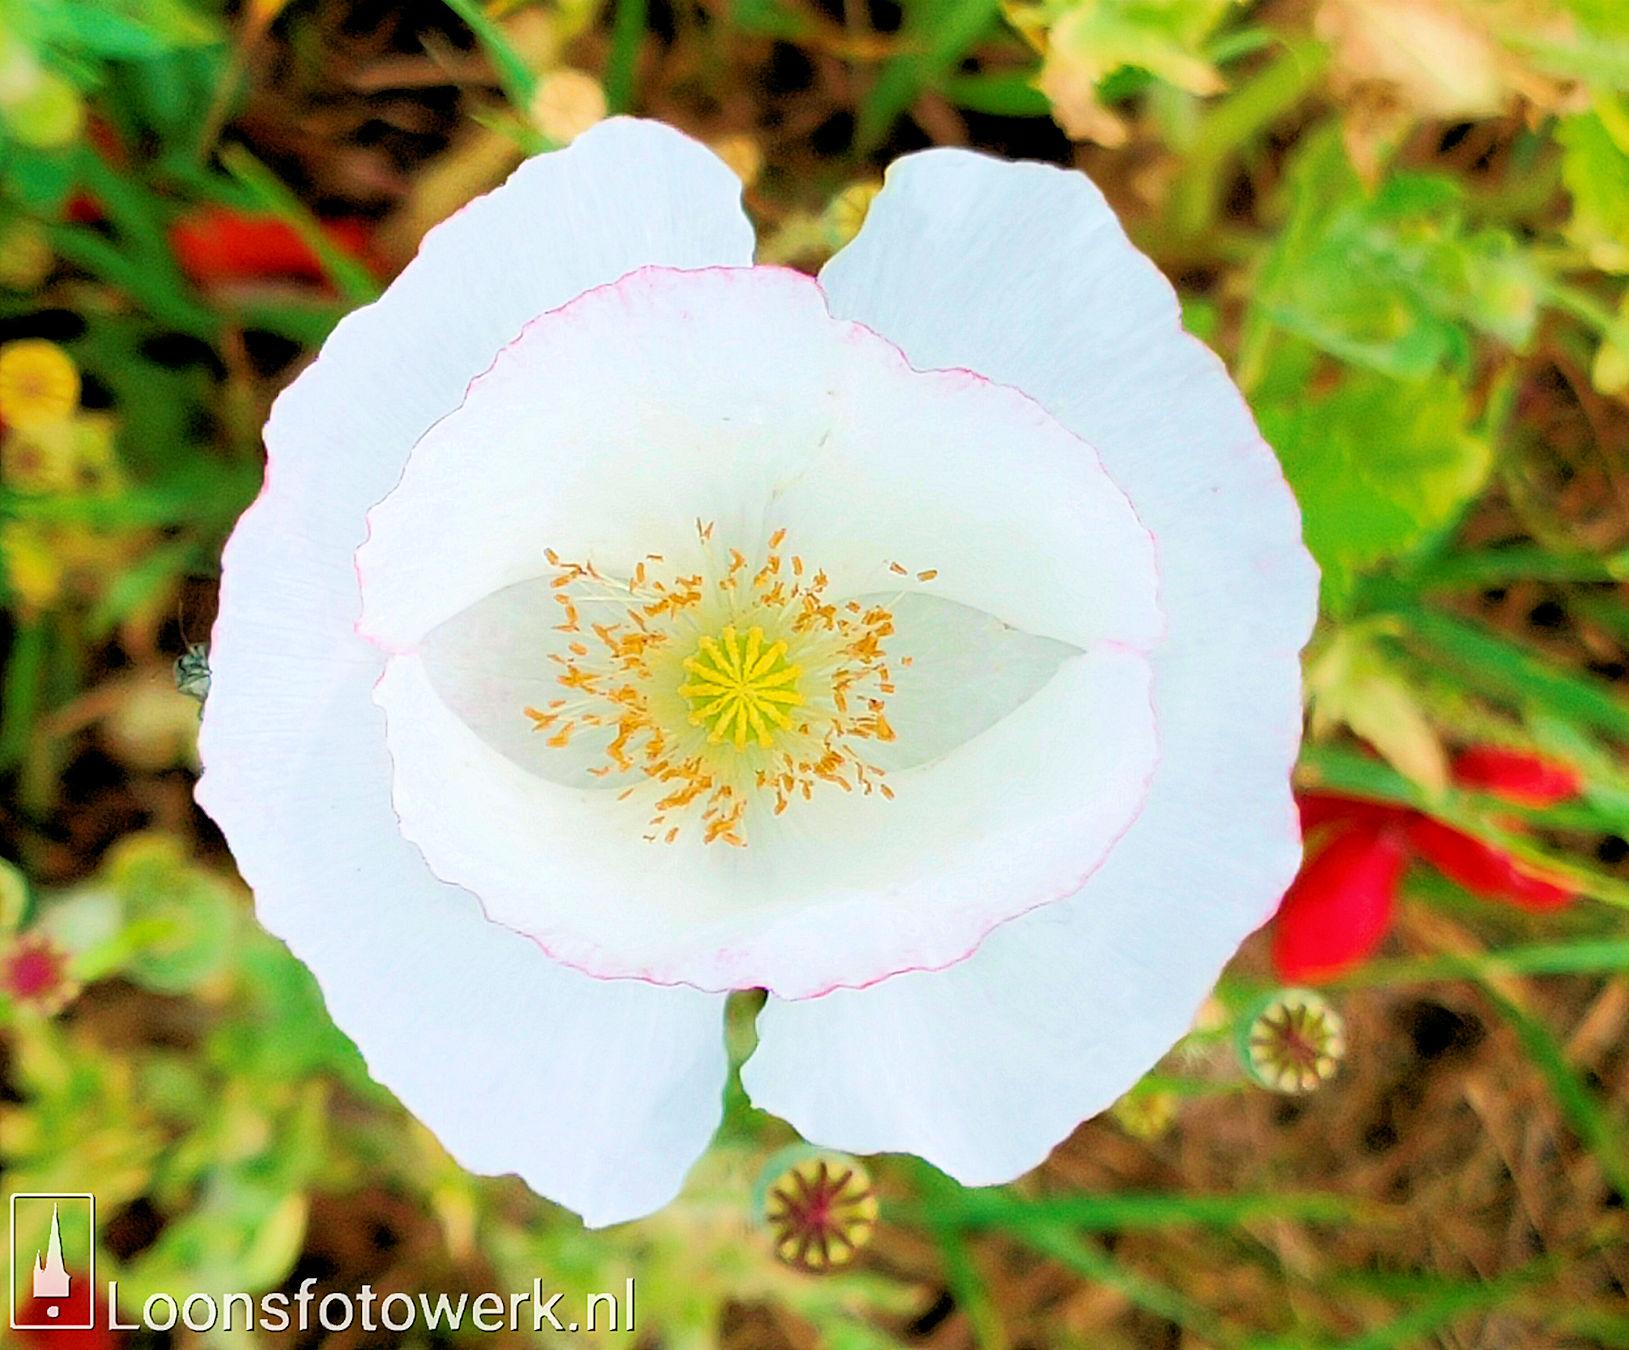 albino klaproos